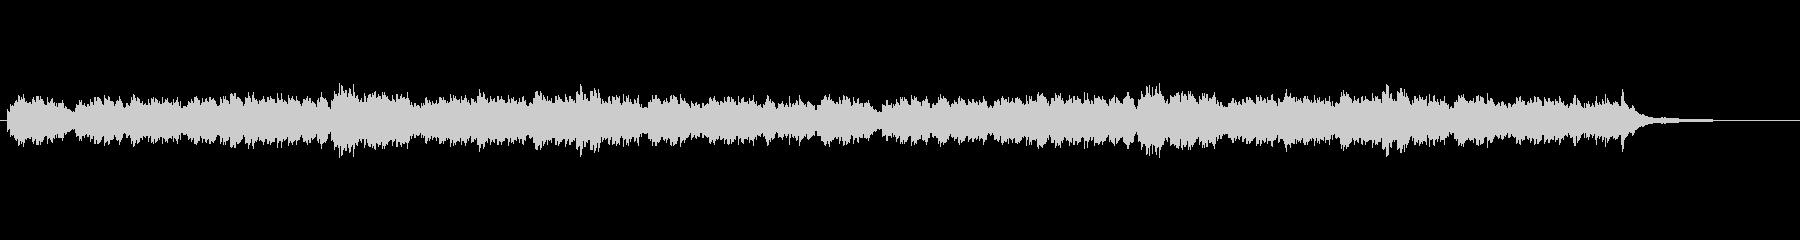 流れるようなピアノソロの未再生の波形